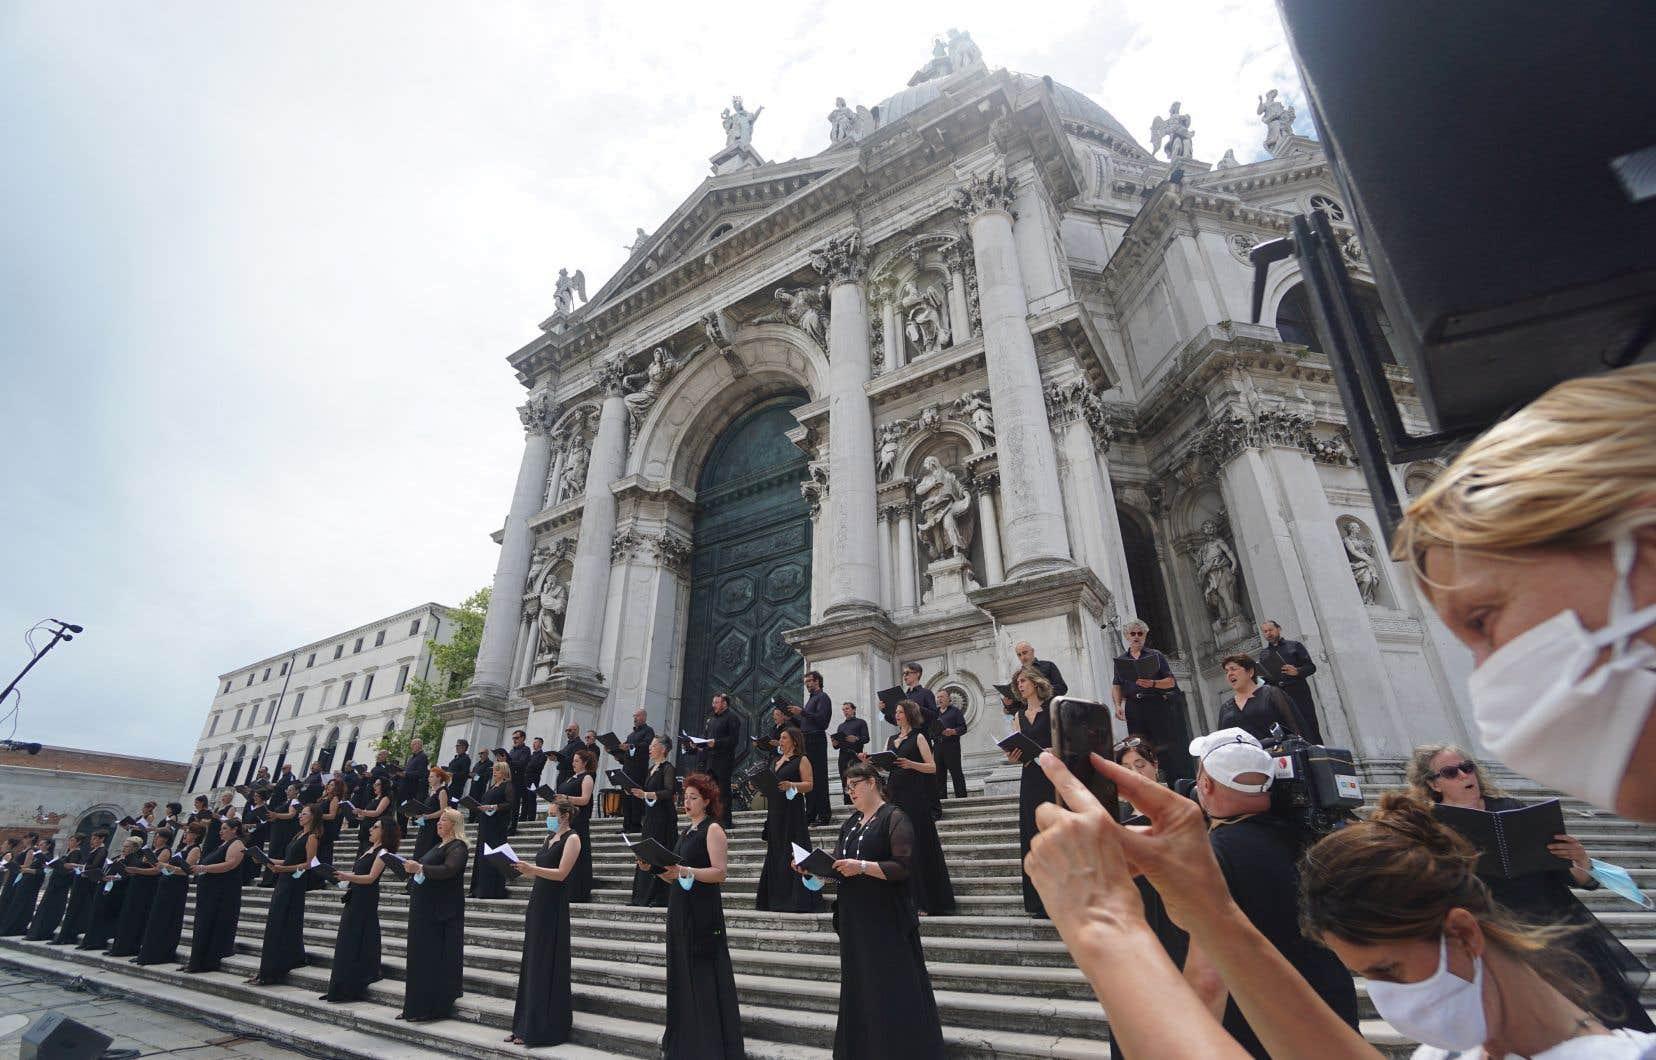 La chorale de l'Opéra de Venise chantait en plein air en juin en hommage aux travailleurs de la santé. Le doute plane encore sur le moment où les chœurs et les chorales pourront de nouveau donner des spectacles à l'intérieur... et sous quelles conditions.